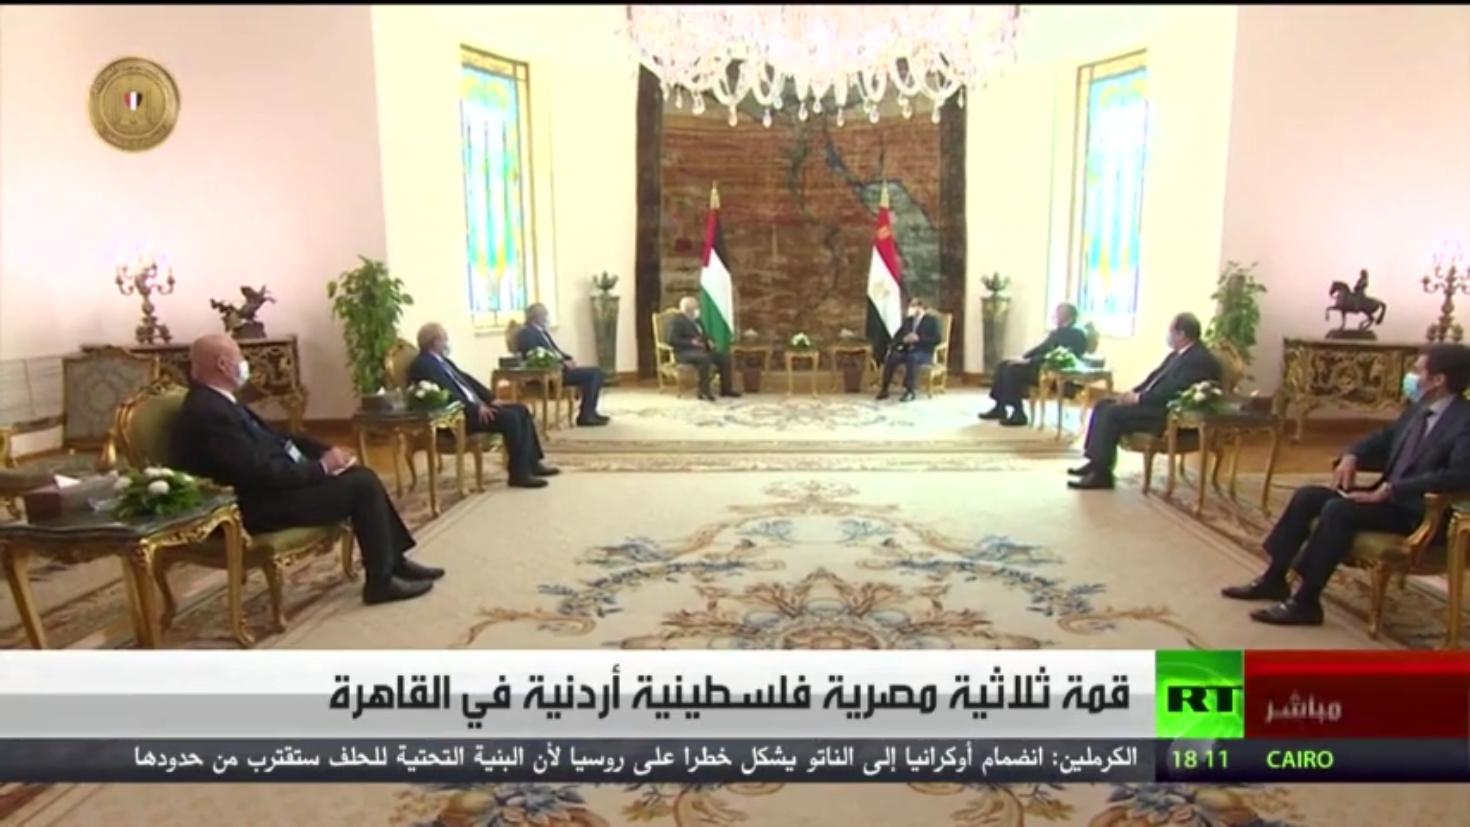 قمة ثلاثية مصرية فلسطينية أردنية في القاهرة